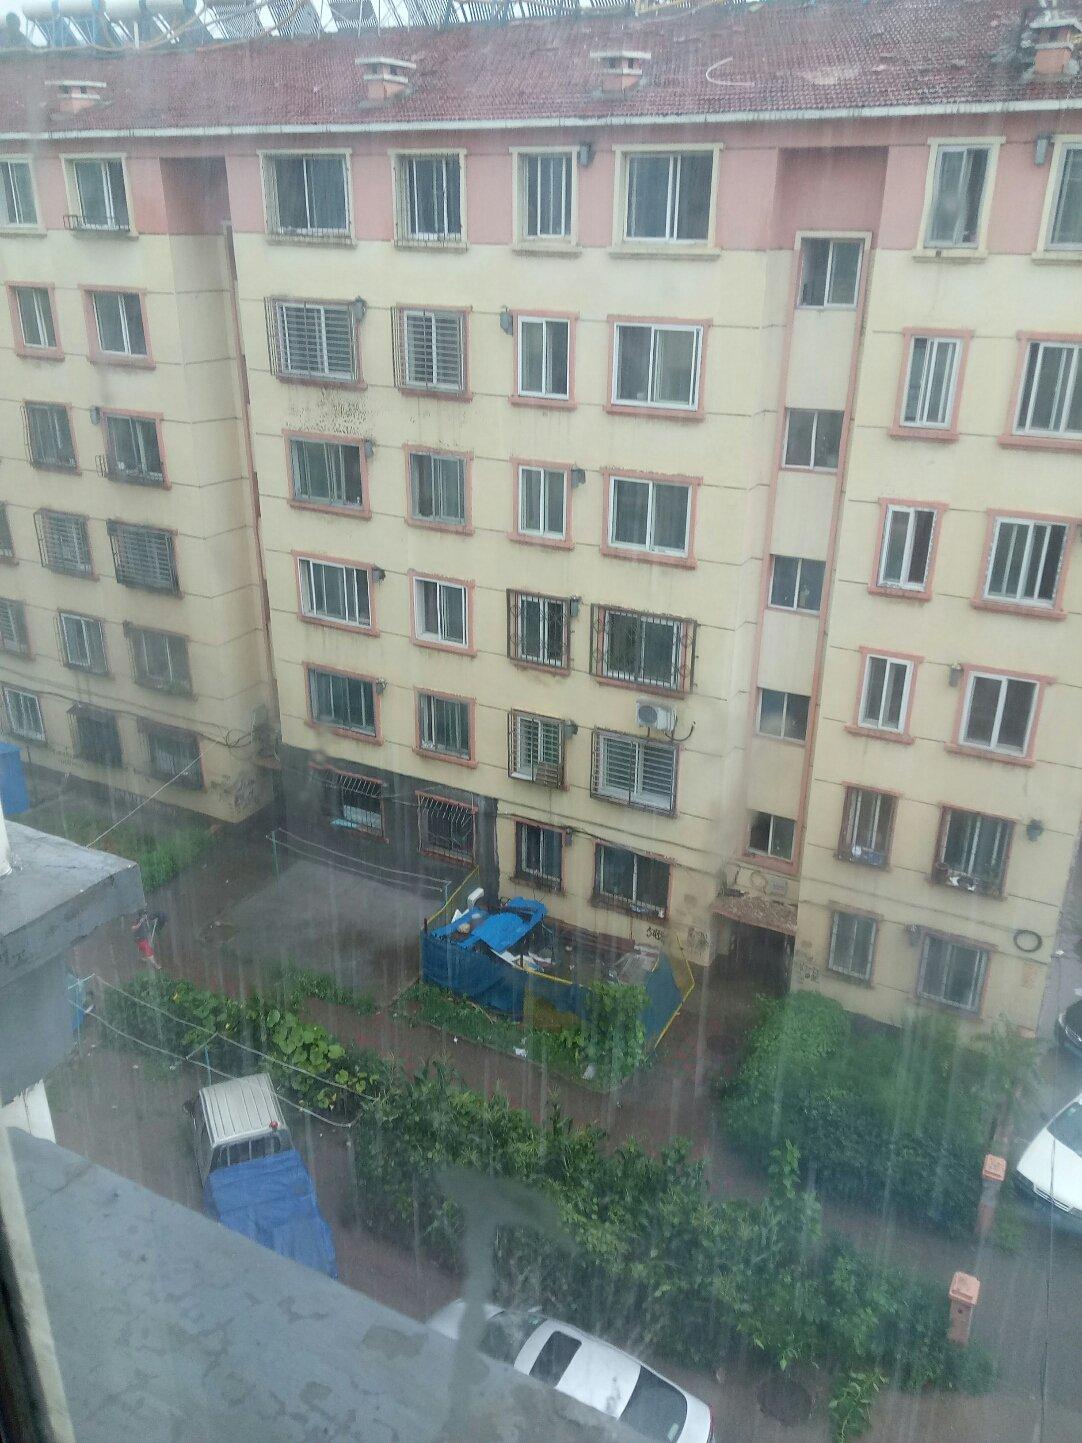 辽宁省葫芦岛市南票区龙山路46号楼靠近南票客运站天气预报